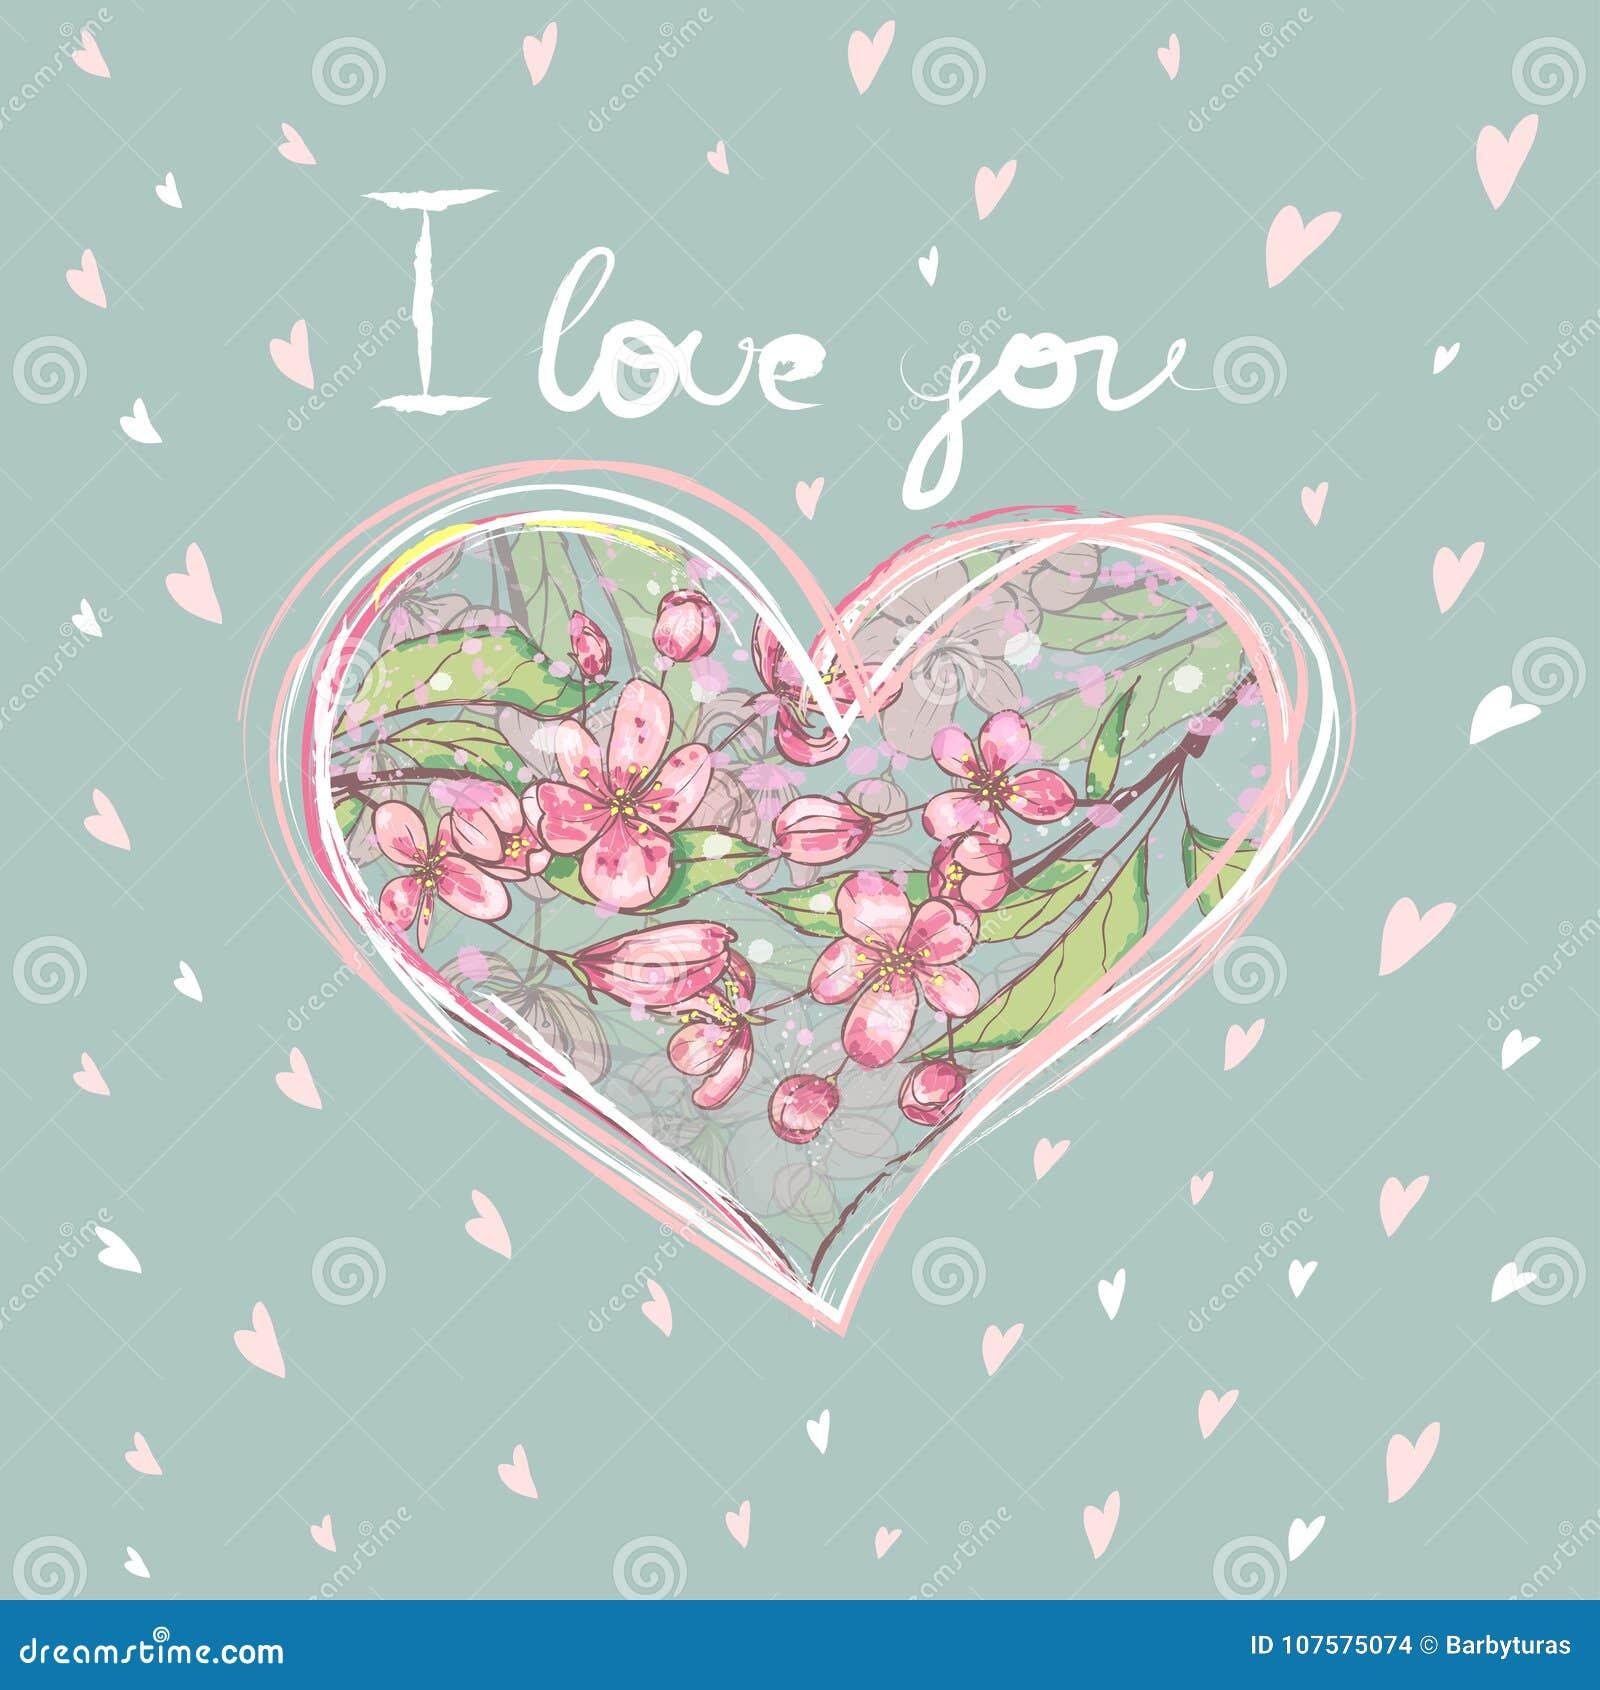 Herz formte den Rahmen, der ich liebe dich von den Blumen auf einem gestreiften Hintergrund mit Text ` ` nach innen gemacht wurde